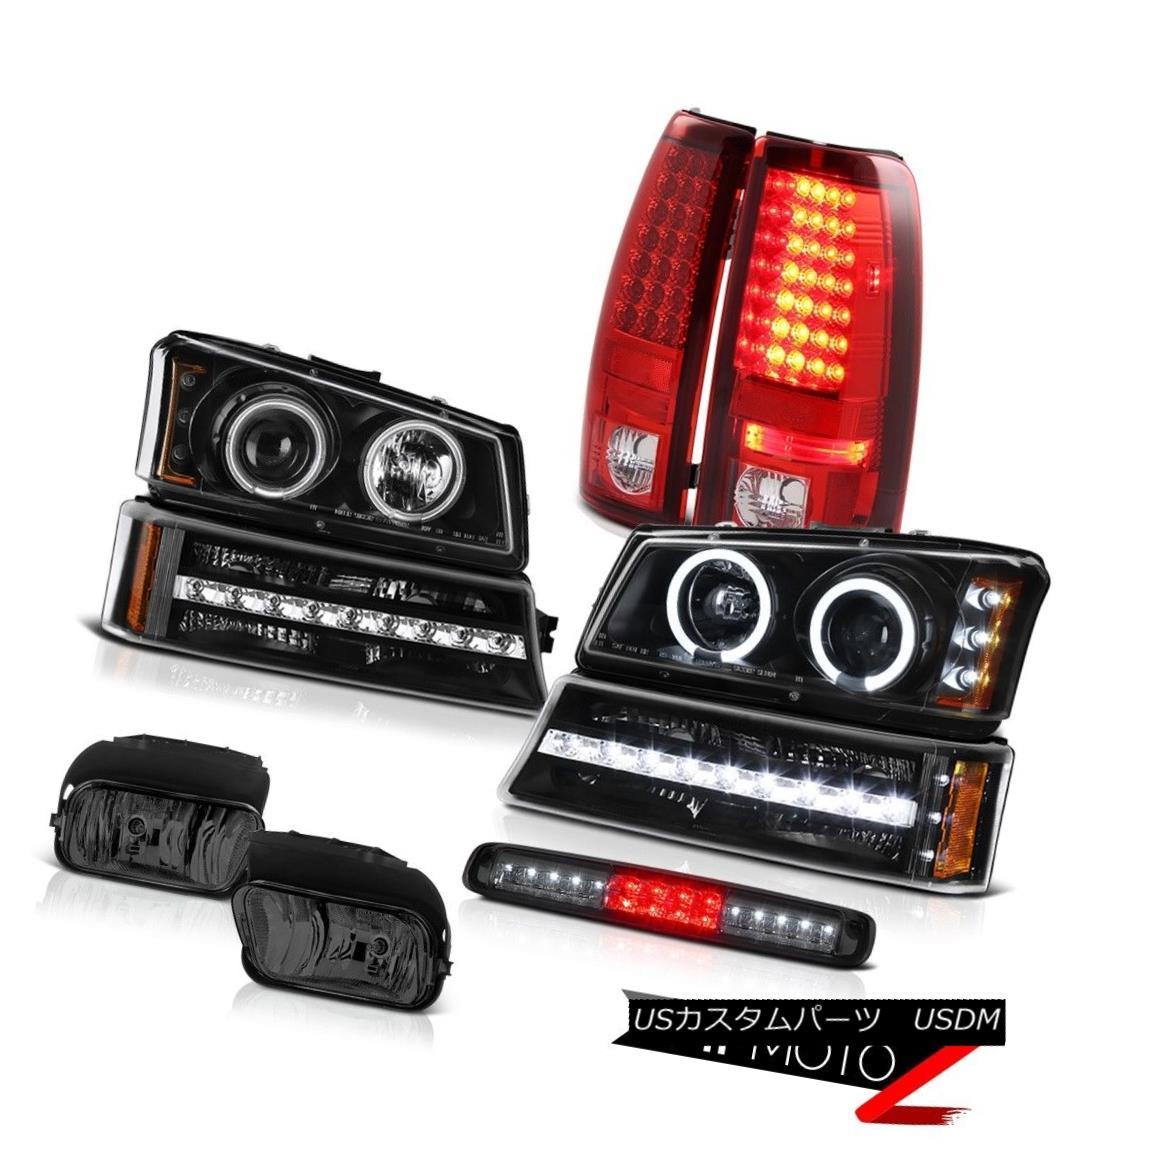 テールライト 03-06 Chevy Silverado Foglamps Roof Brake Lamp Black Bumper Headlamps Rear Lamps 03-06 Chevy Silverado Foglampsルーフブレーキランプブラックバンパーヘッドランプリアランプ